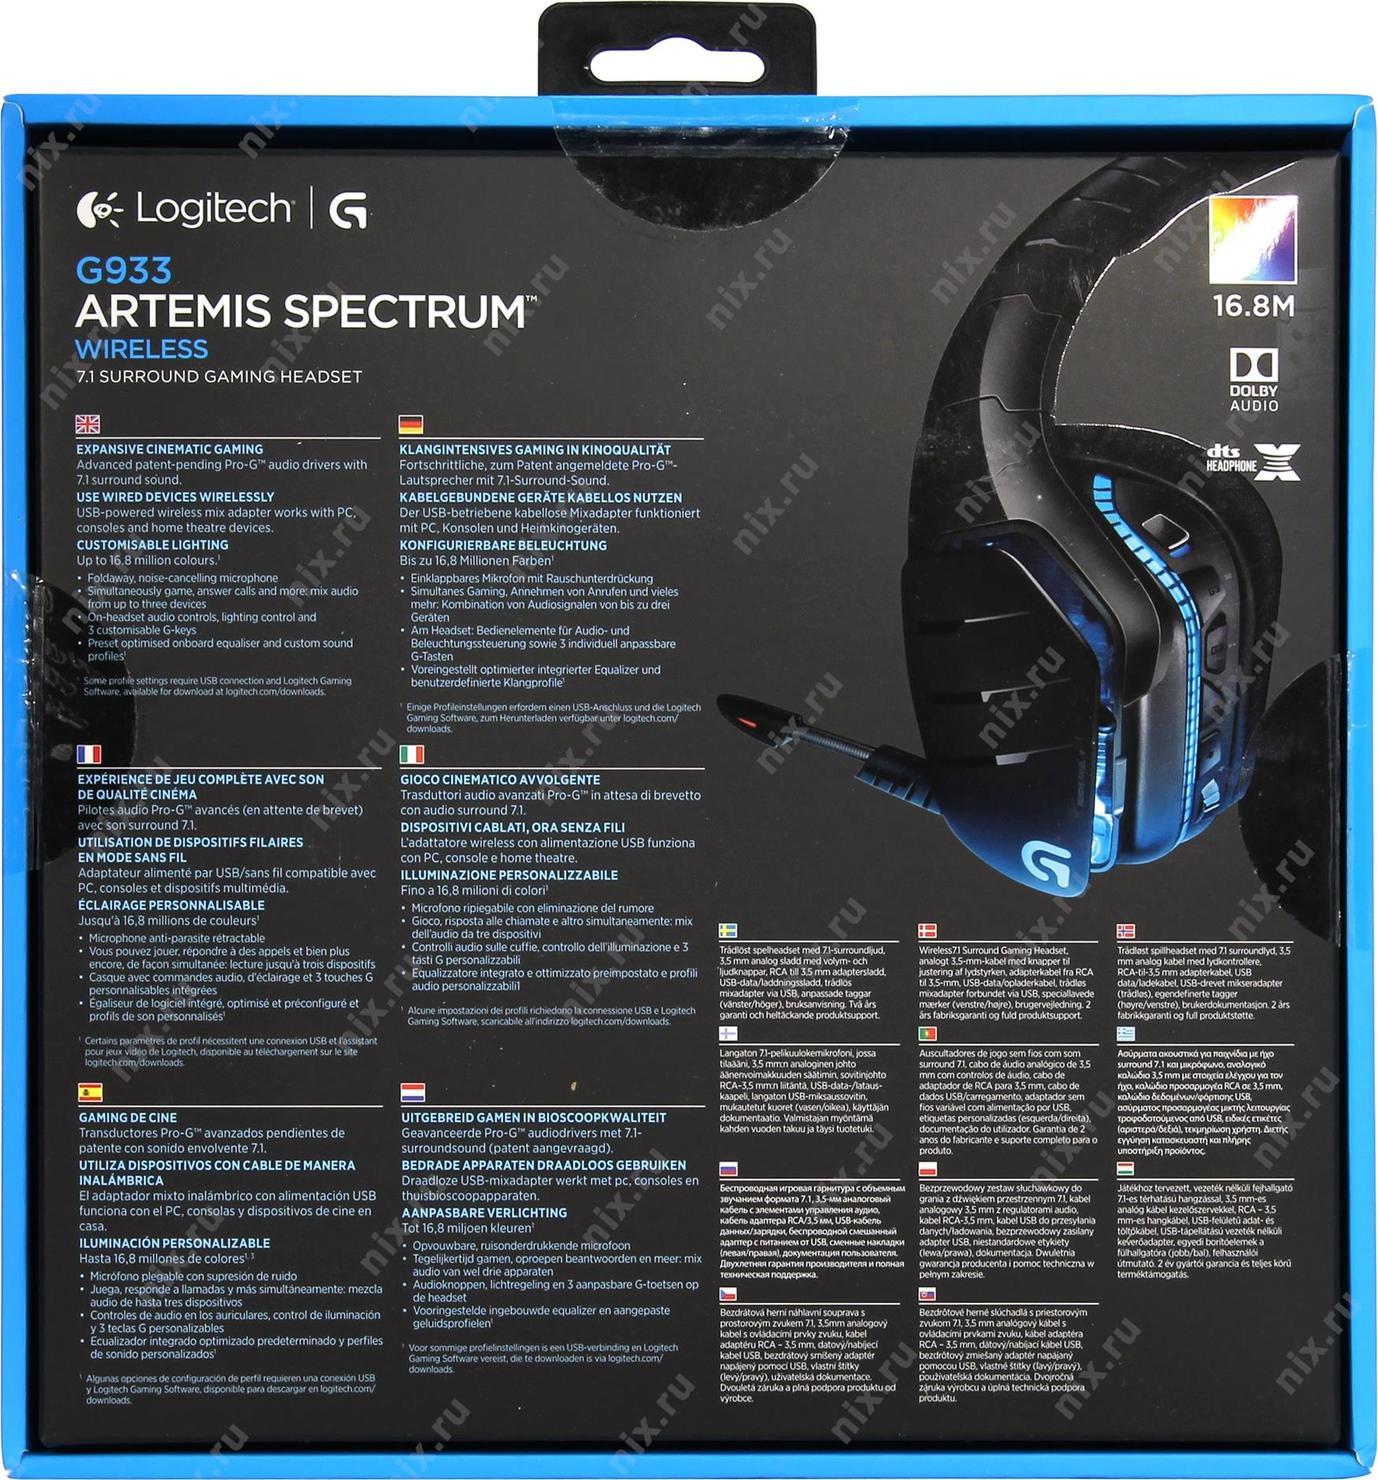 Беспроводные наушники с микрофоном Logitech G933 Artemis Spectrum Black — купить цена и характеристики отзывы